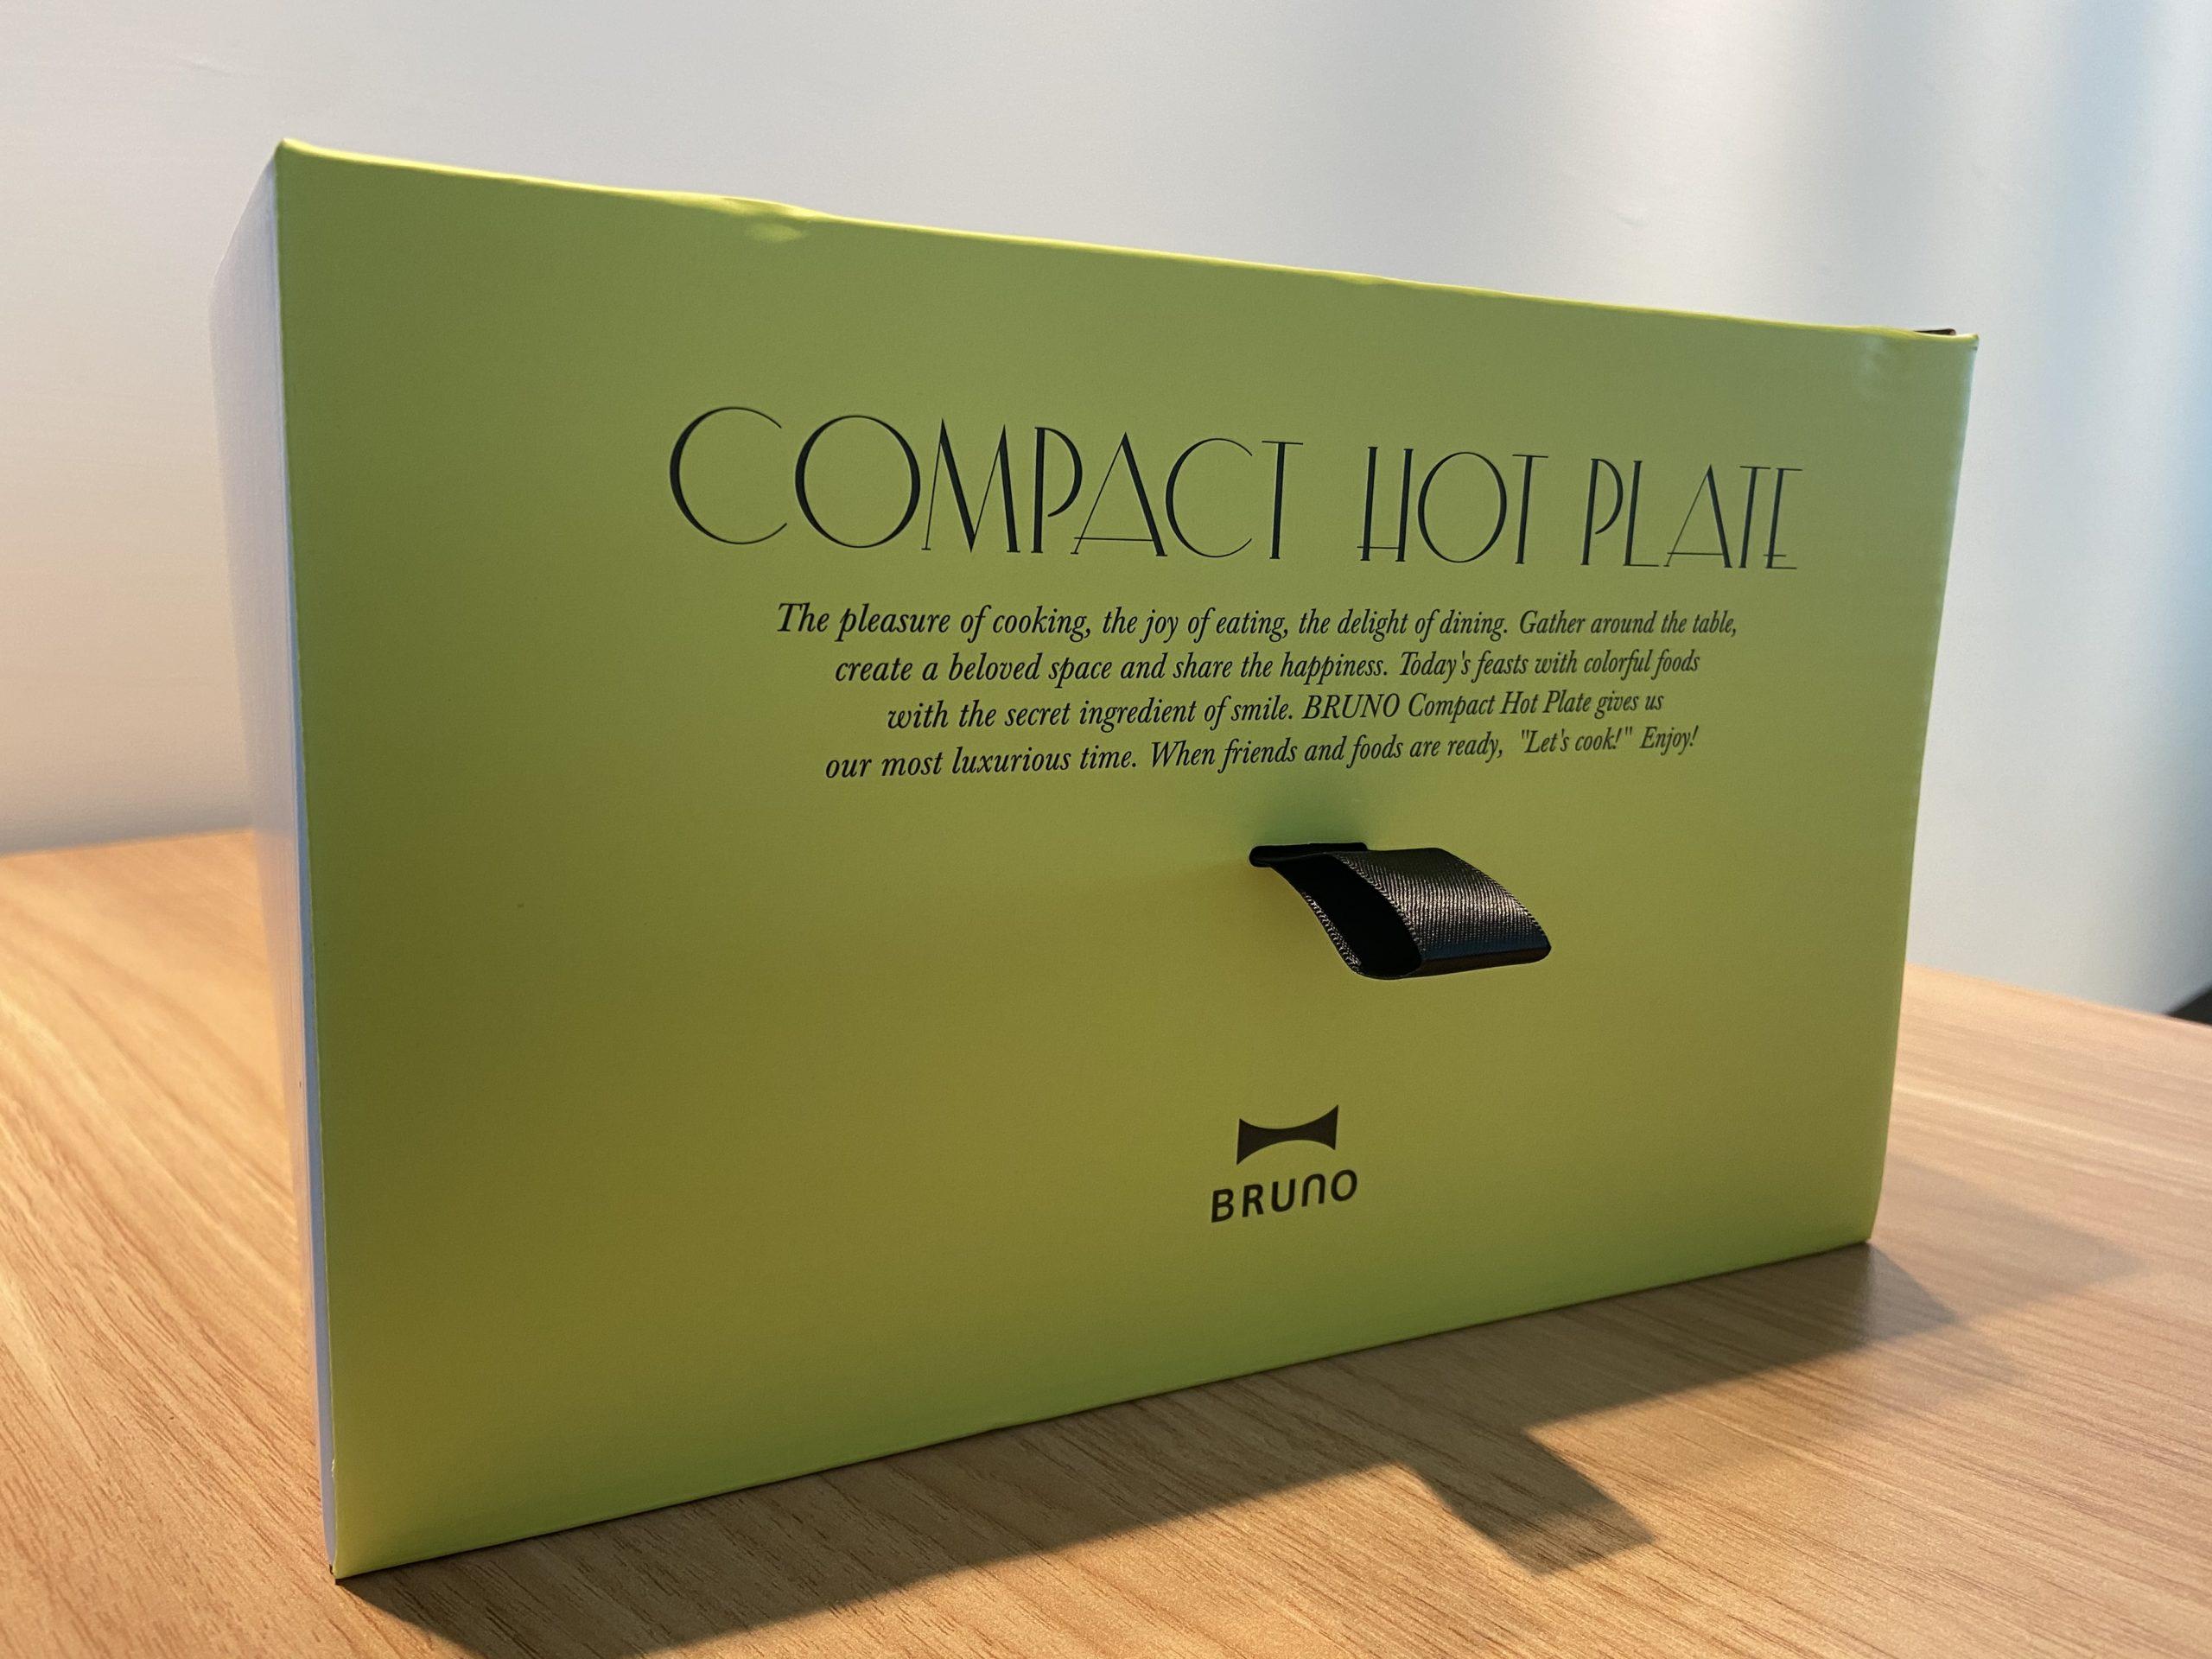 日本 BRUNO 電烤盤-盒裝抽屜式設計